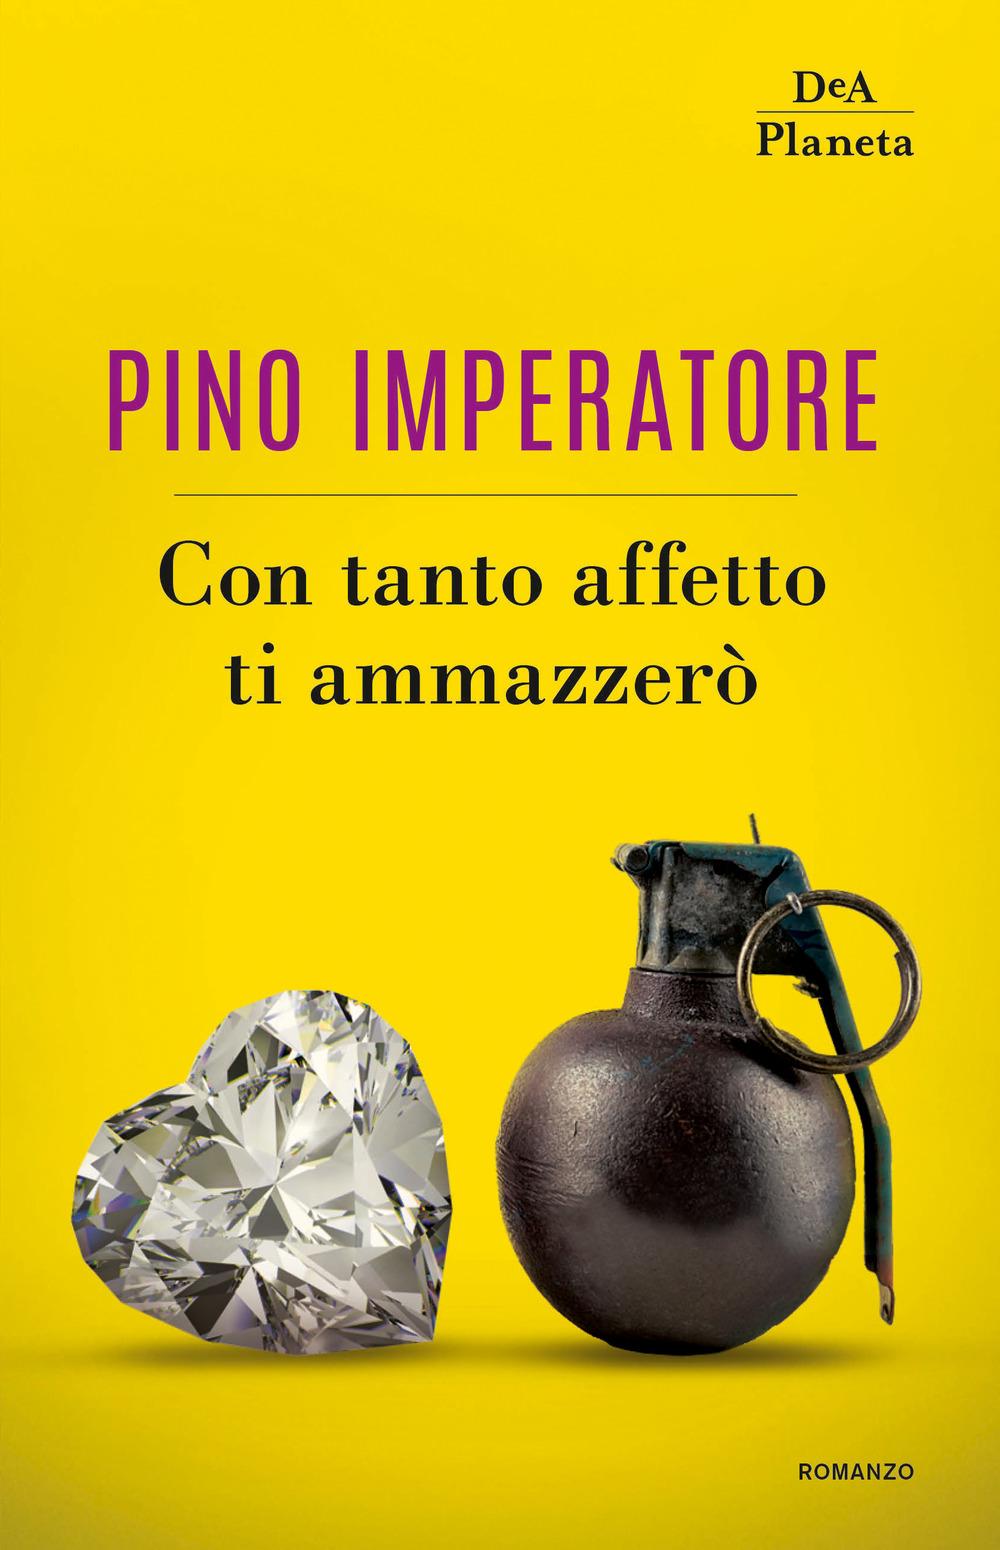 CON TANTO AFFETTO TI AMMAZZERÒ - Imperatore Pino - 9788851169350